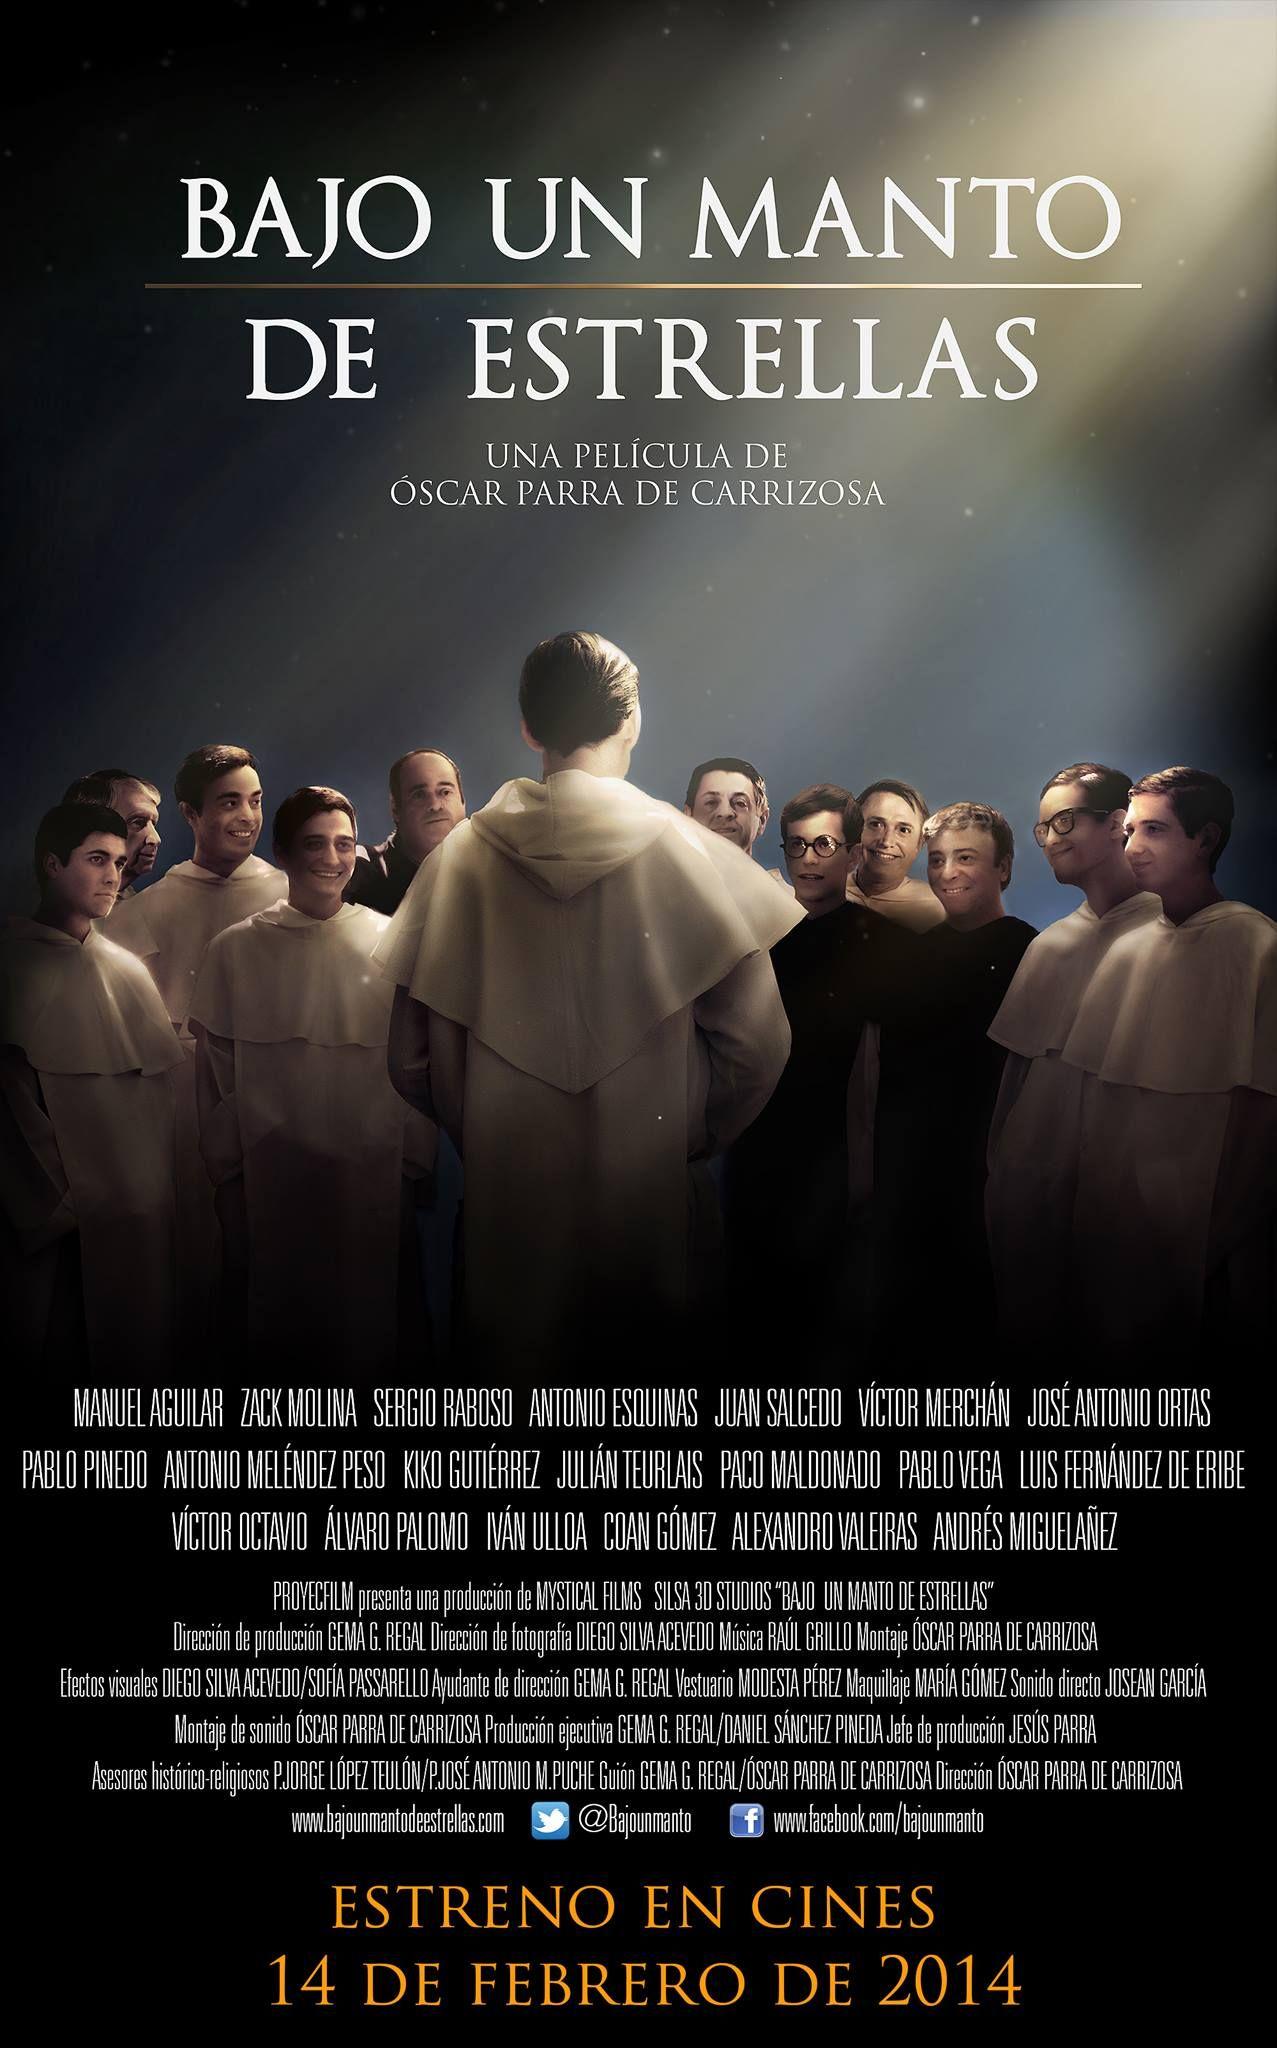 Bajo Un Manto De Estrellas Peliculas Catolicas Peliculas De Oscar Peliculas Premiadas